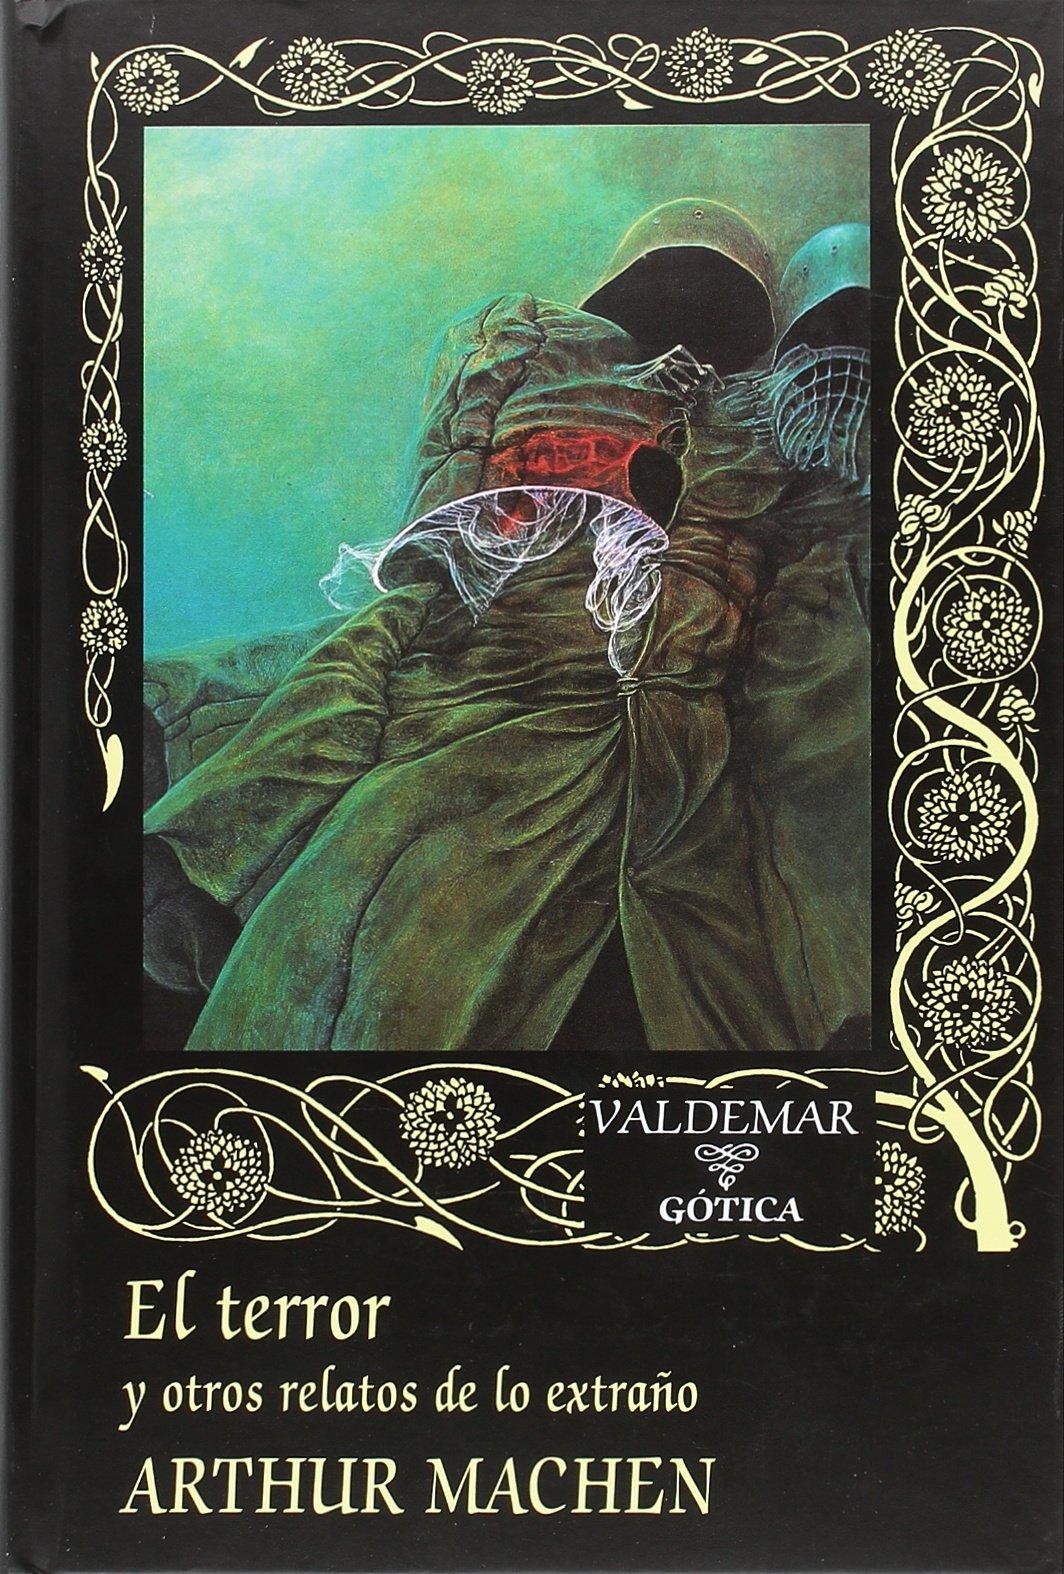 El terror y otros relatos de lo extraño (Gótica): Amazon.es: Arthur Machen, Juan Antonio Molina Foix: Libros